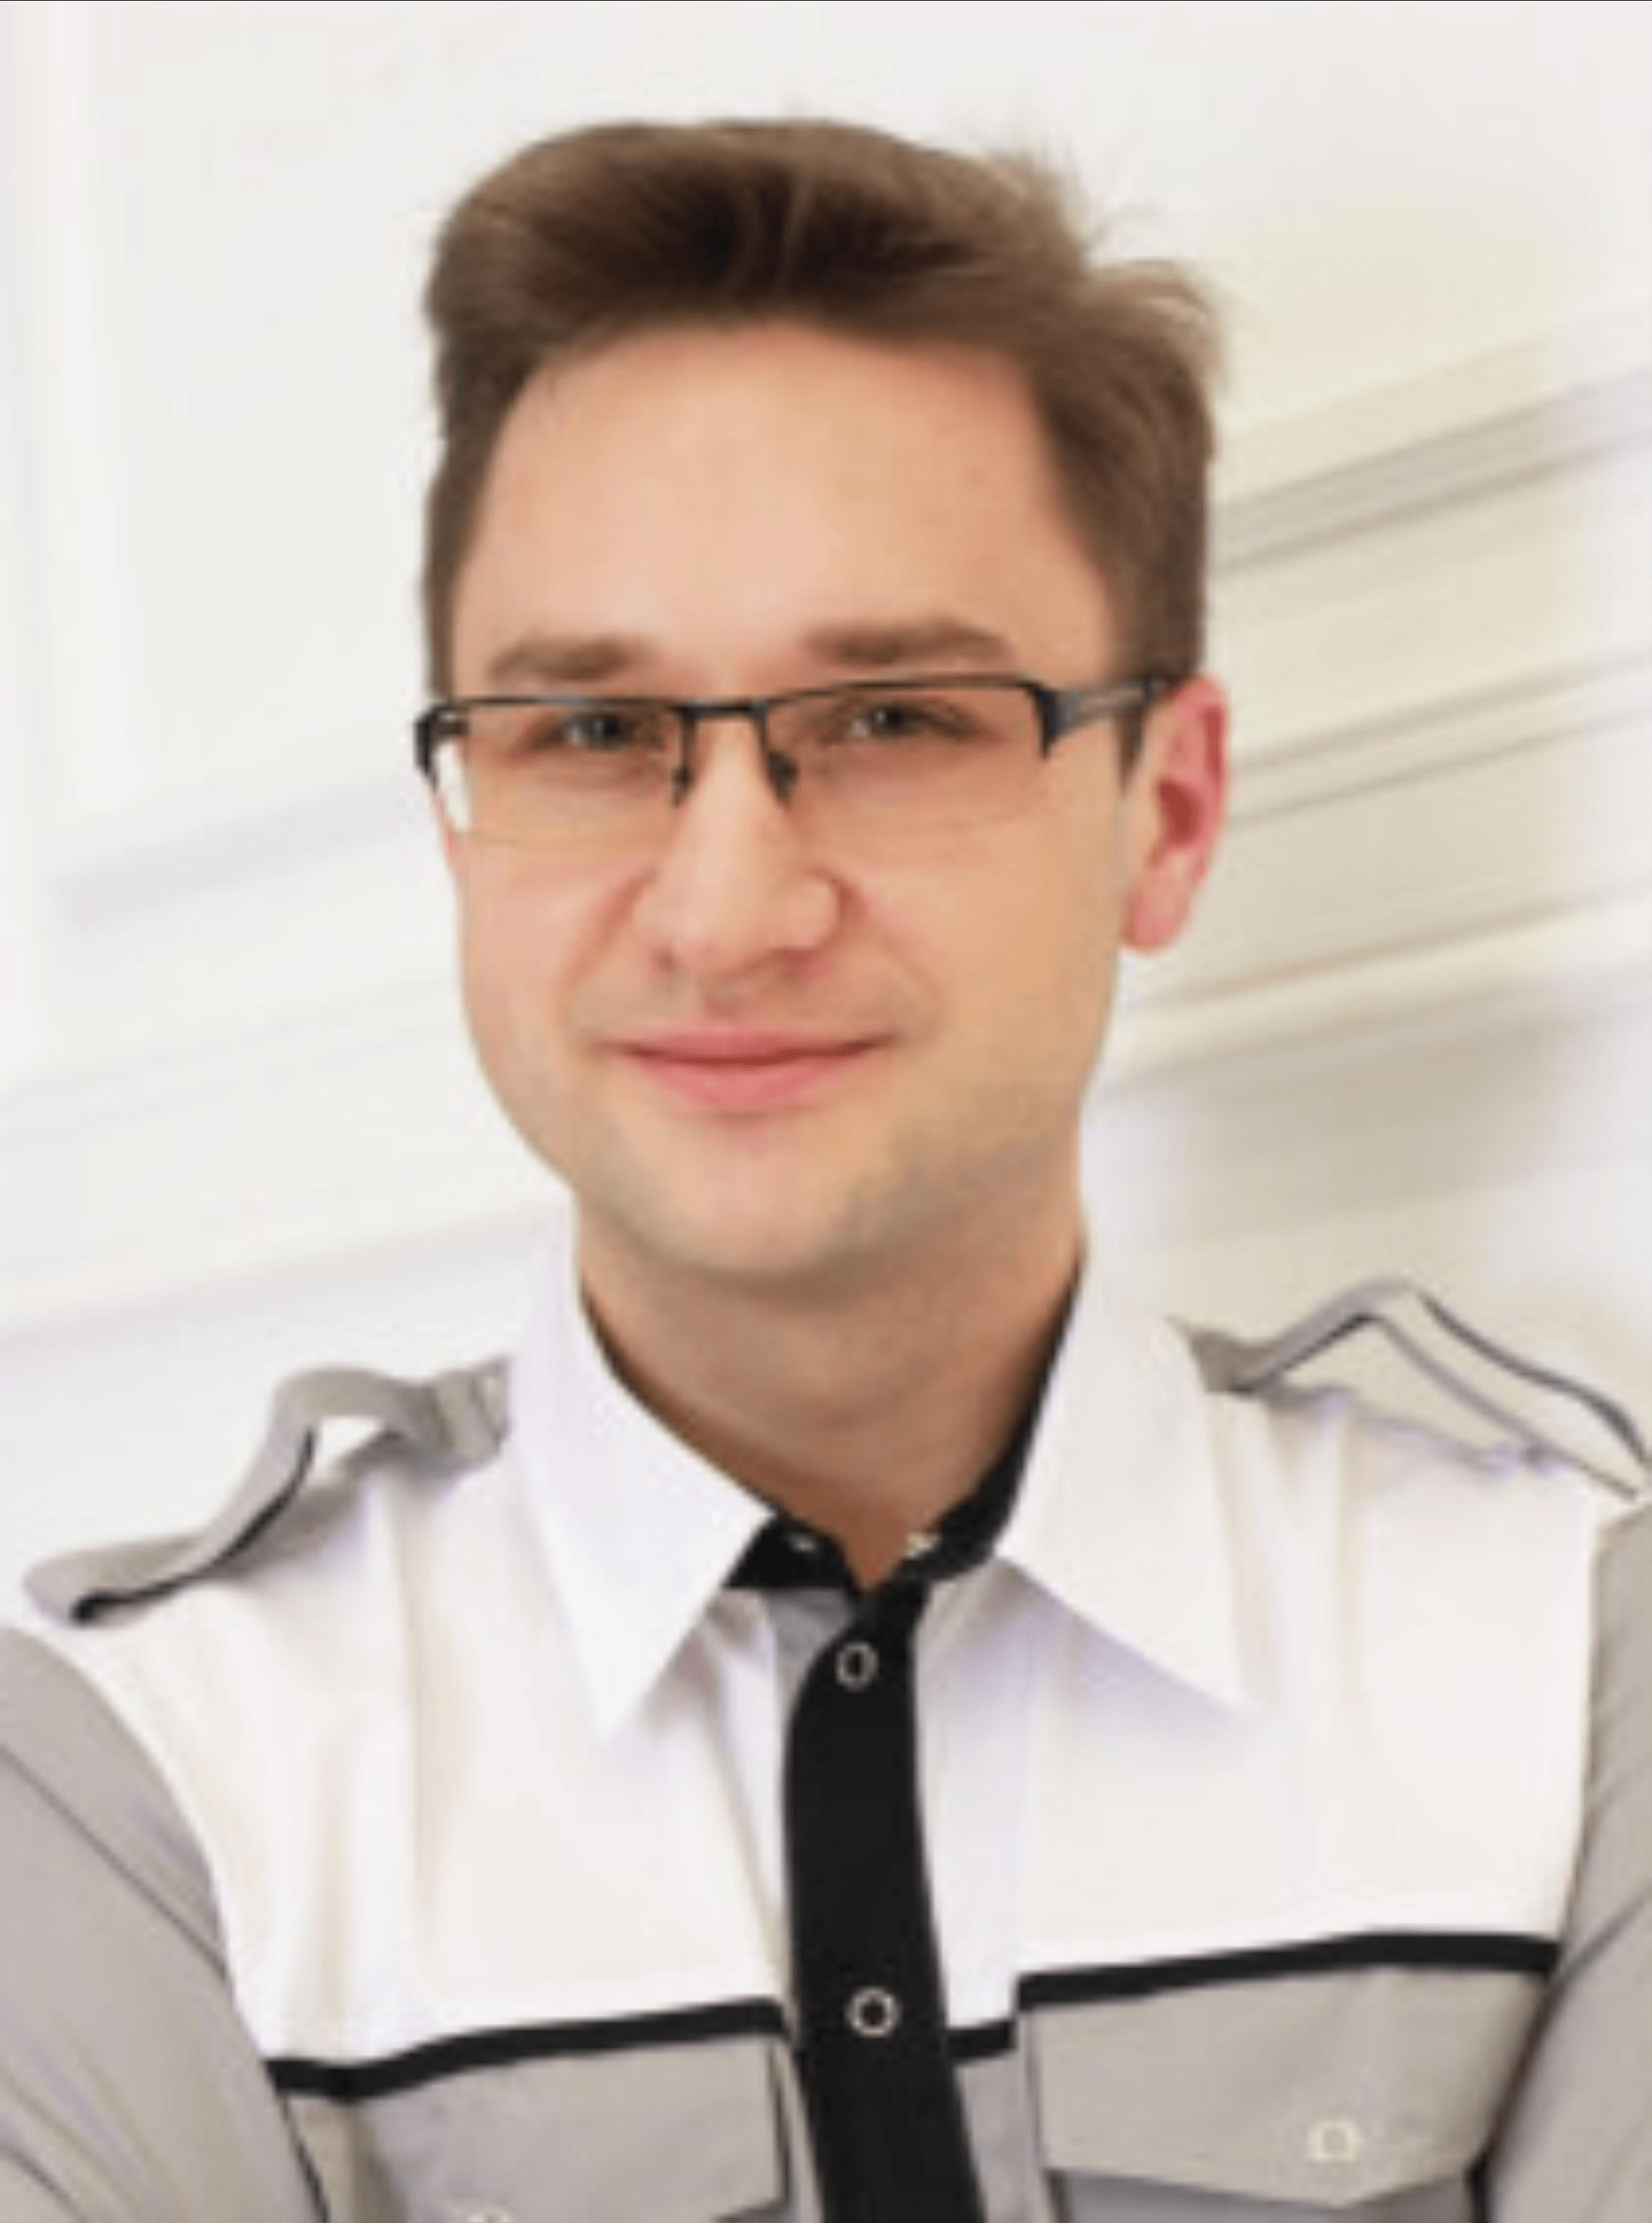 Щегольков Александр Викторович : Стоматолог-хирург, имплатолог, пародонтолог